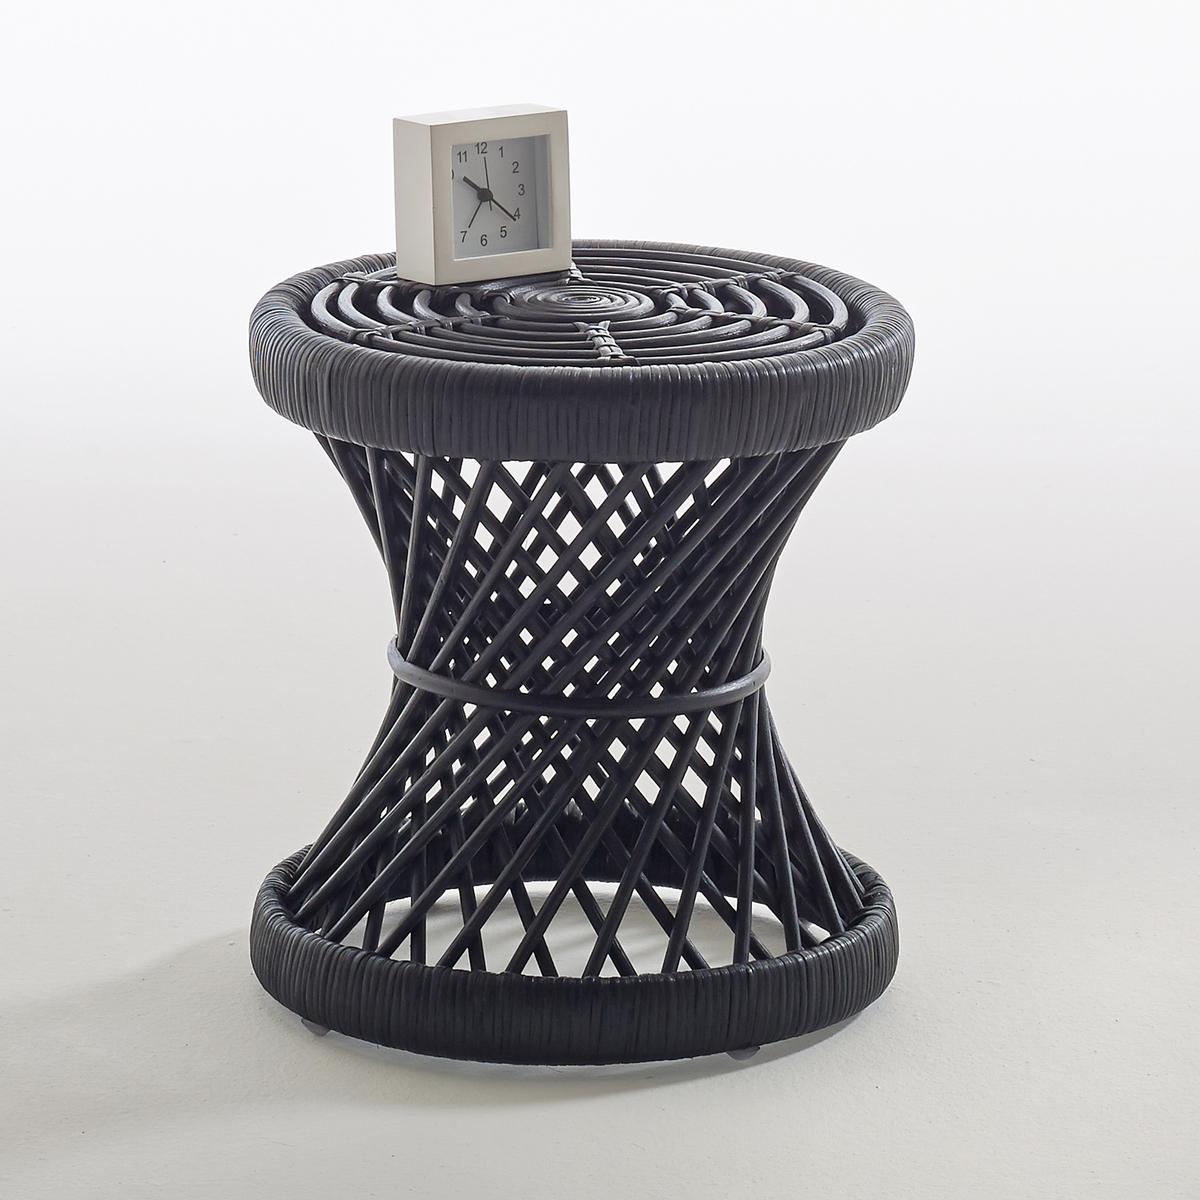 Тумба-табурет MaluХарактеристики тумбы-табурета Malu :Ажурные ножки и верх из плетеного ротанга.Обработка морилкой медового цвета или покрытие лаком черного цвета.Поставляется в собранном виде.Другие предметы мебели из коллекции  Malu на сайте laredoute.ru.Размеры :Диаметр : 35 см.Высота : 37 см.Размеры и вес упаковки :1 упаковкаШир. 37 x Выс. 38 x Гл. 37 см3 кг<br><br>Цвет: медовый,черный<br>Размер: единый размер